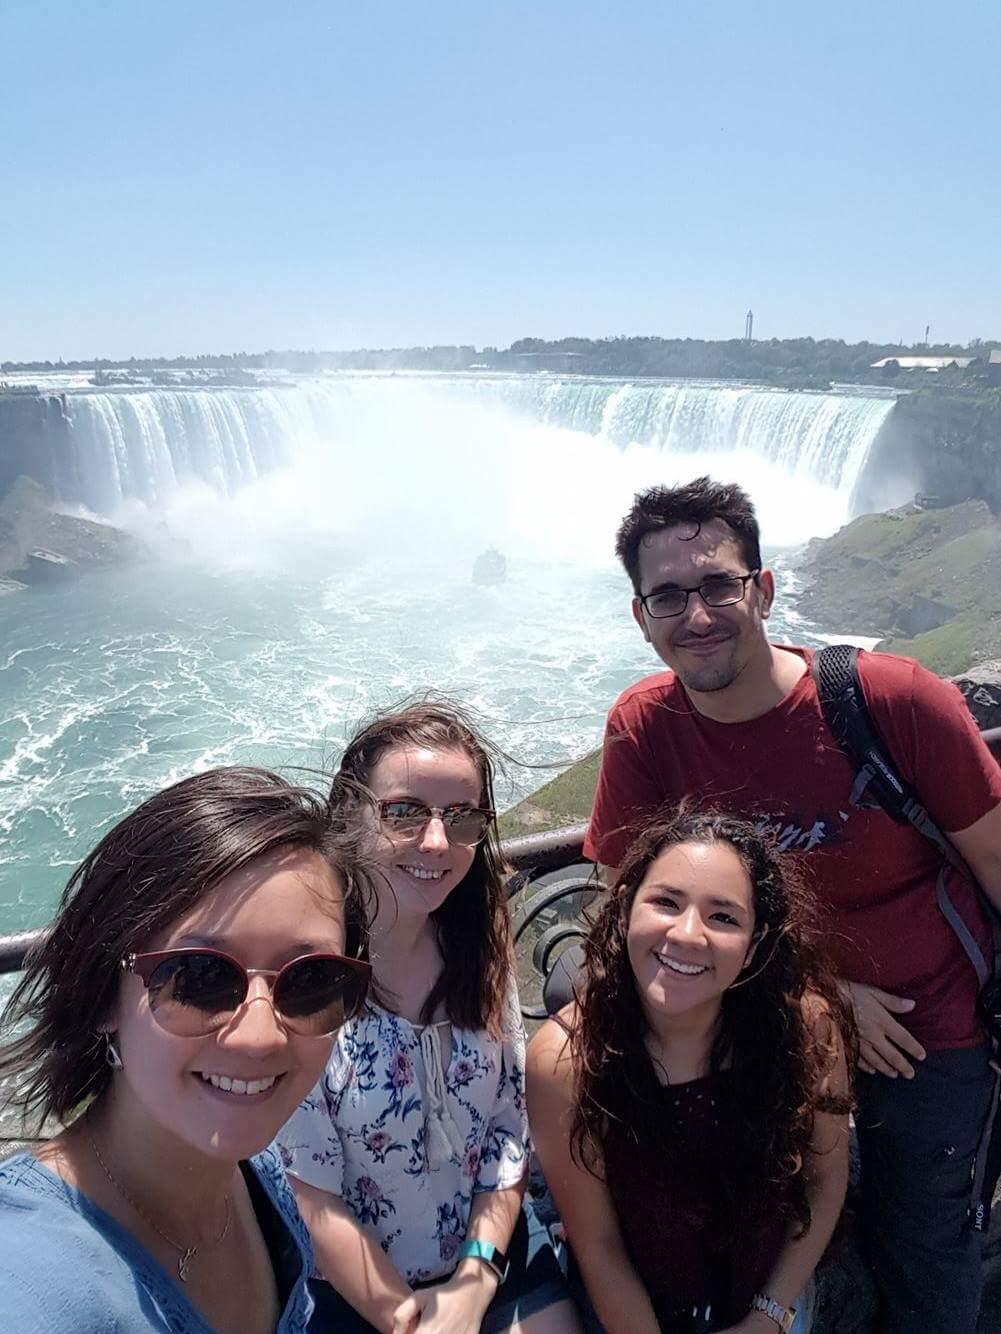 Niagara Falls with great people